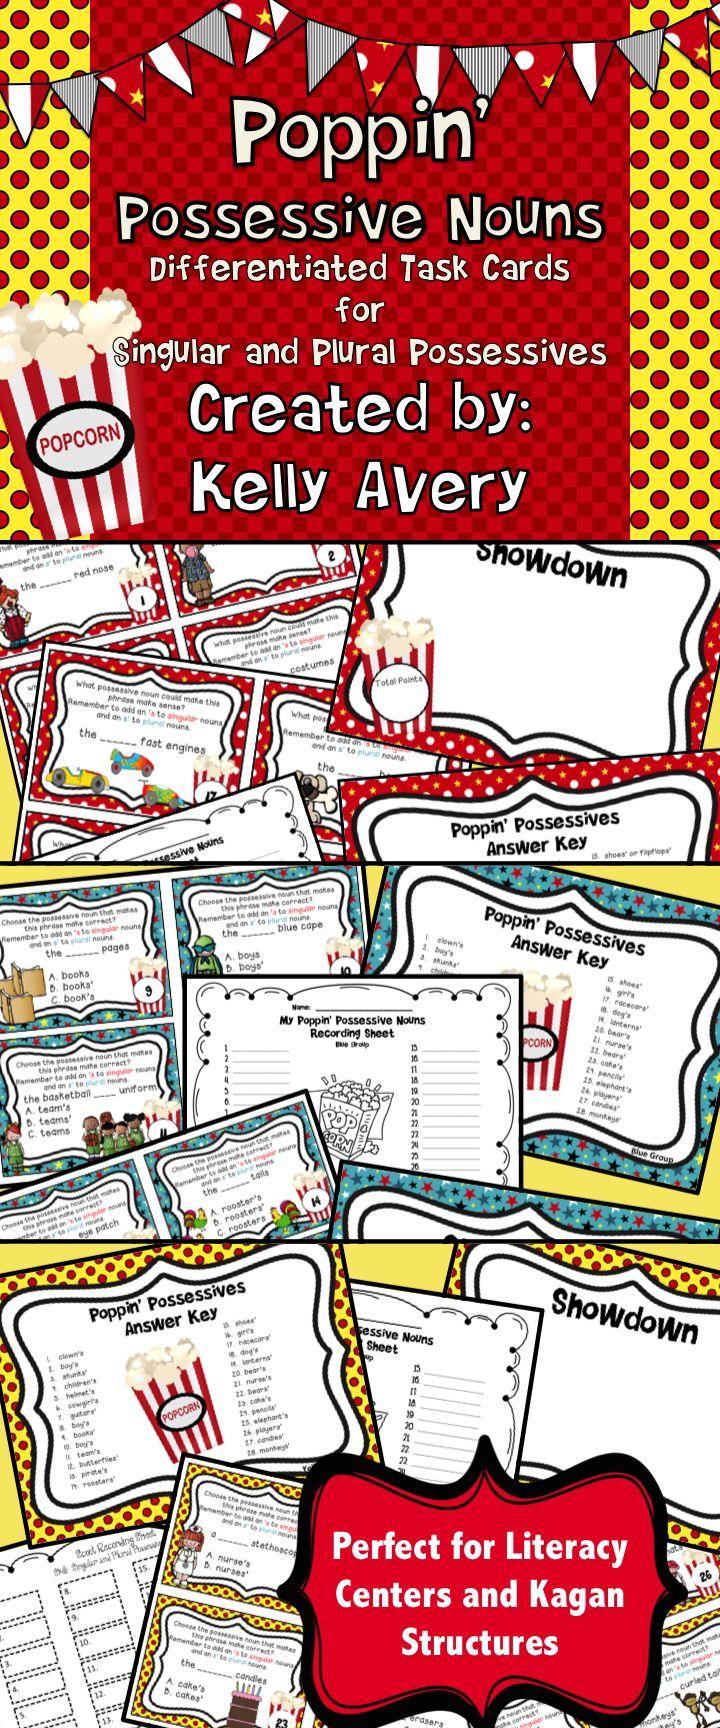 Possessive Nouns:  Singular and Plural Possessive Noun Task Cards #teachersfollowteachers #teacherspayteachers #iteachtoo #teachers #tpt #education #learning #homeschooled #homeschooler #homeschooling